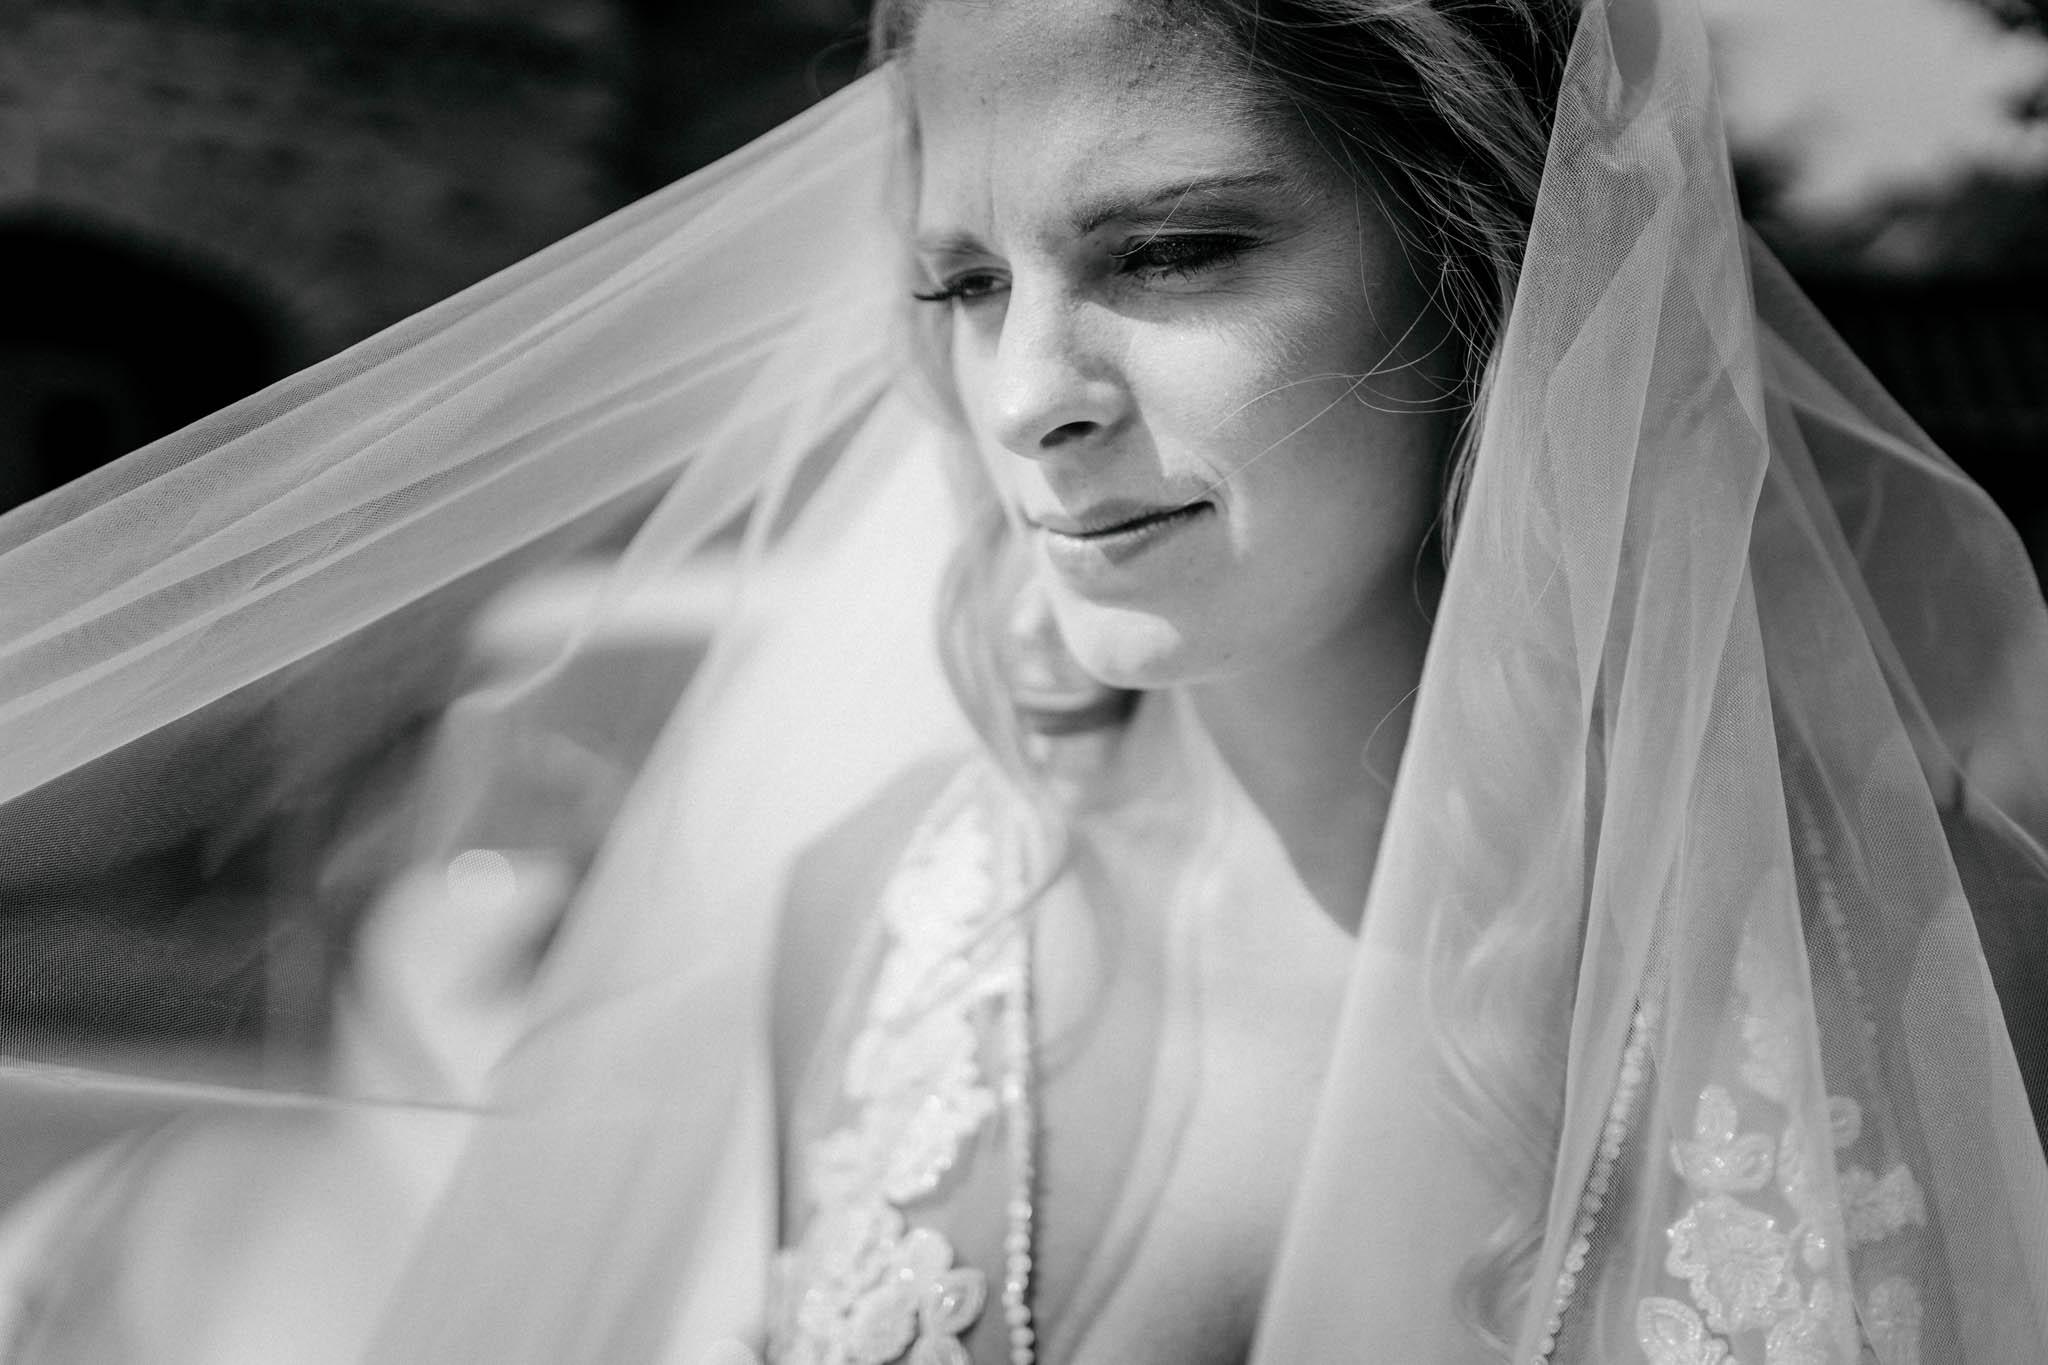 Hochzeitsfieber by Photo-Schomburg, Hochzeitsfotograf, Hamburg, Bremen, Hochzeitstag, Hochzeitspaar, Braut, Bräutigam, Bremen-Kränholm,Knoops Park-59